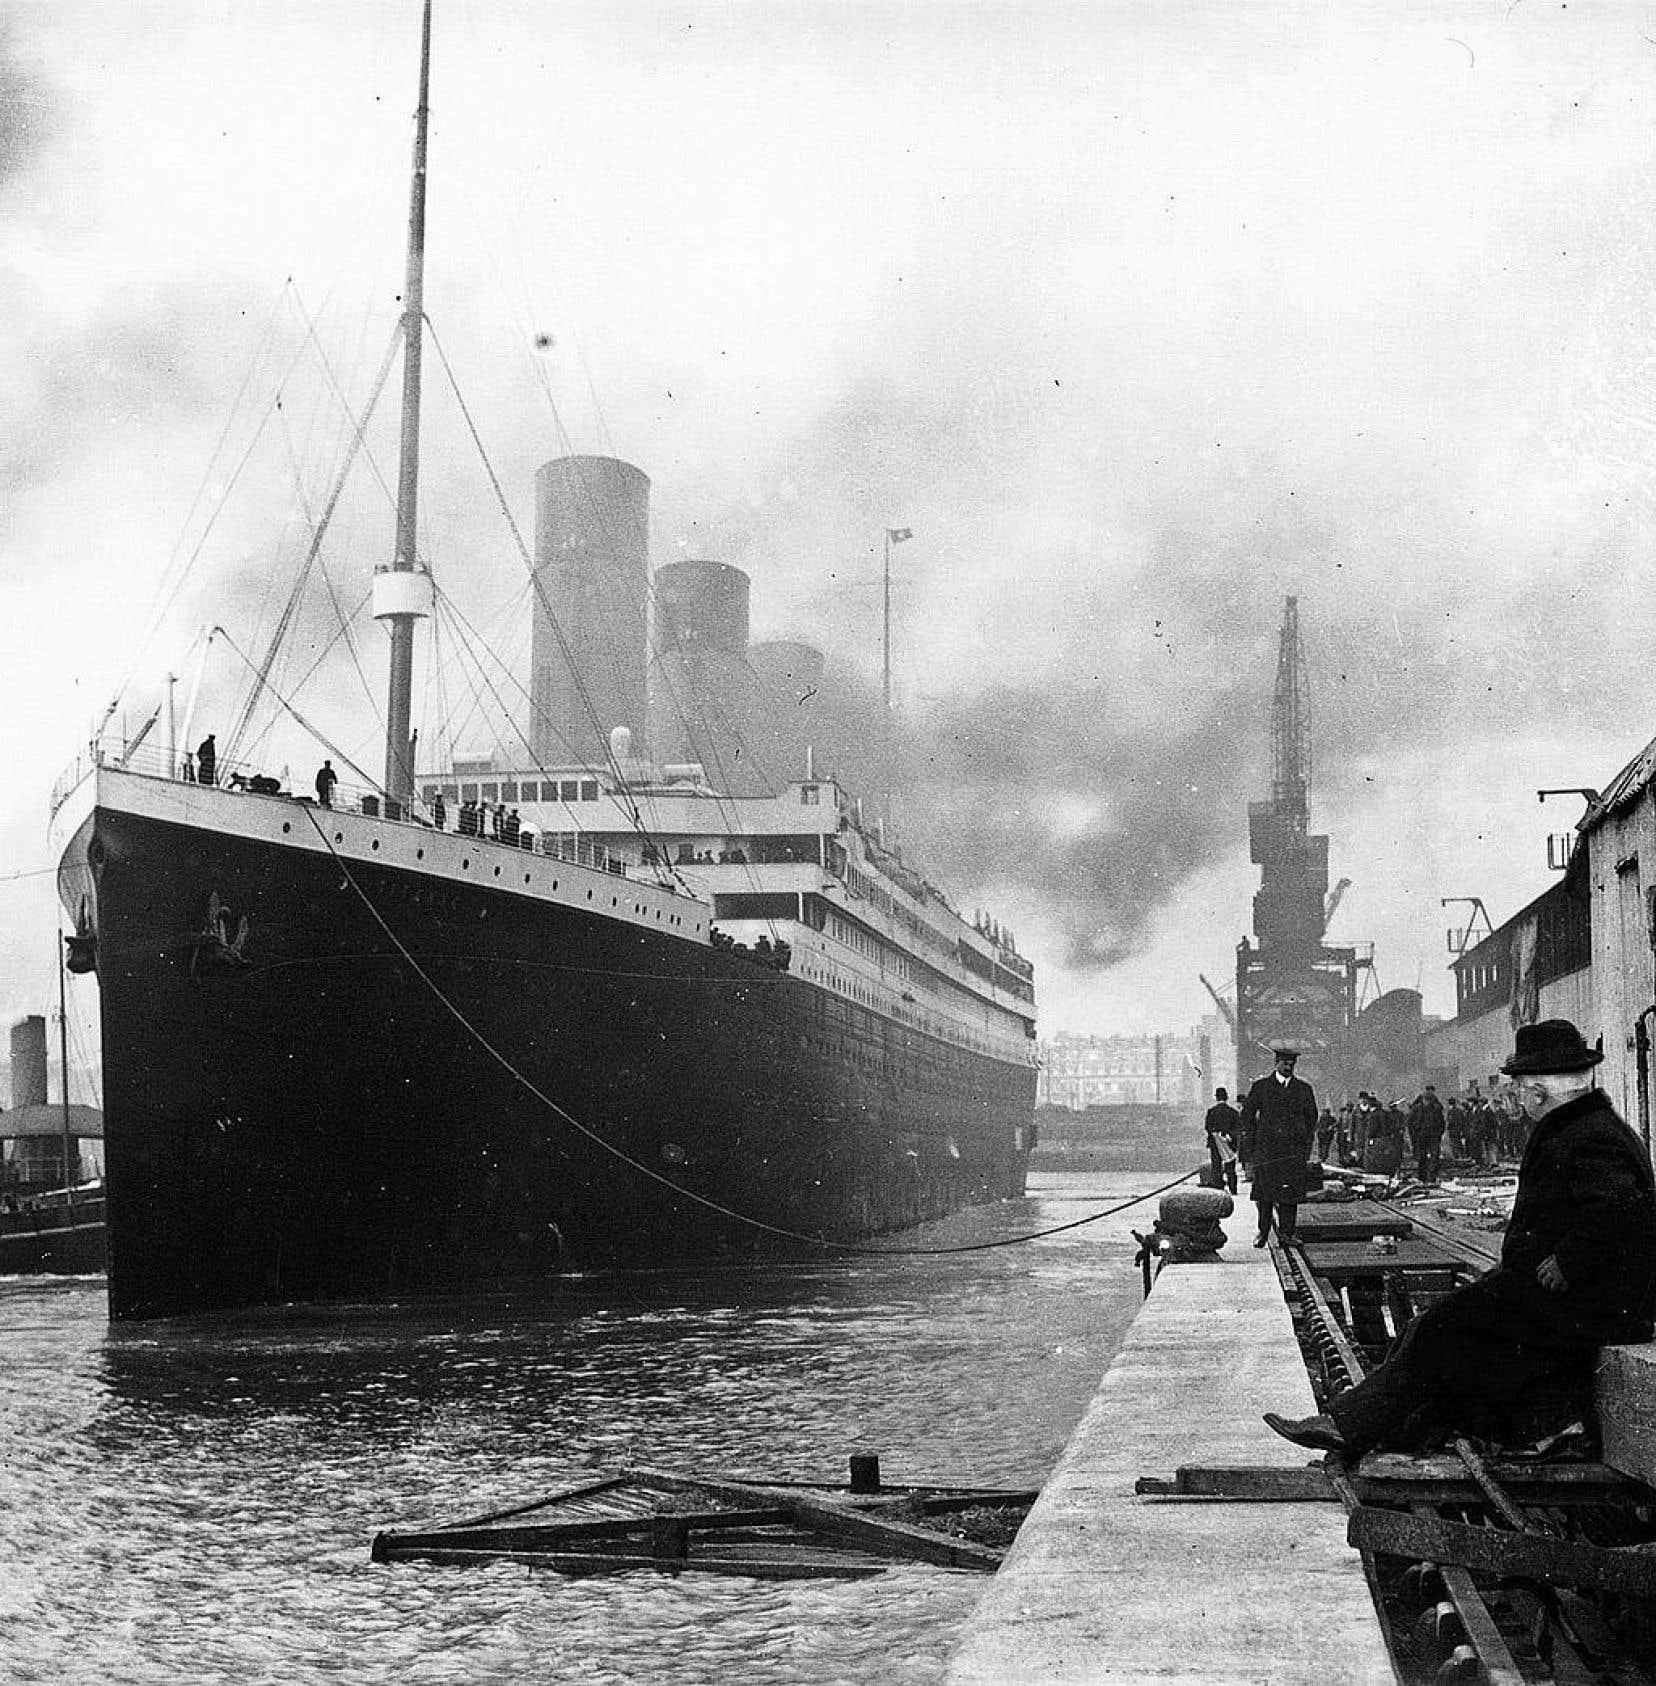 Le célèbre Titanic, en 1912